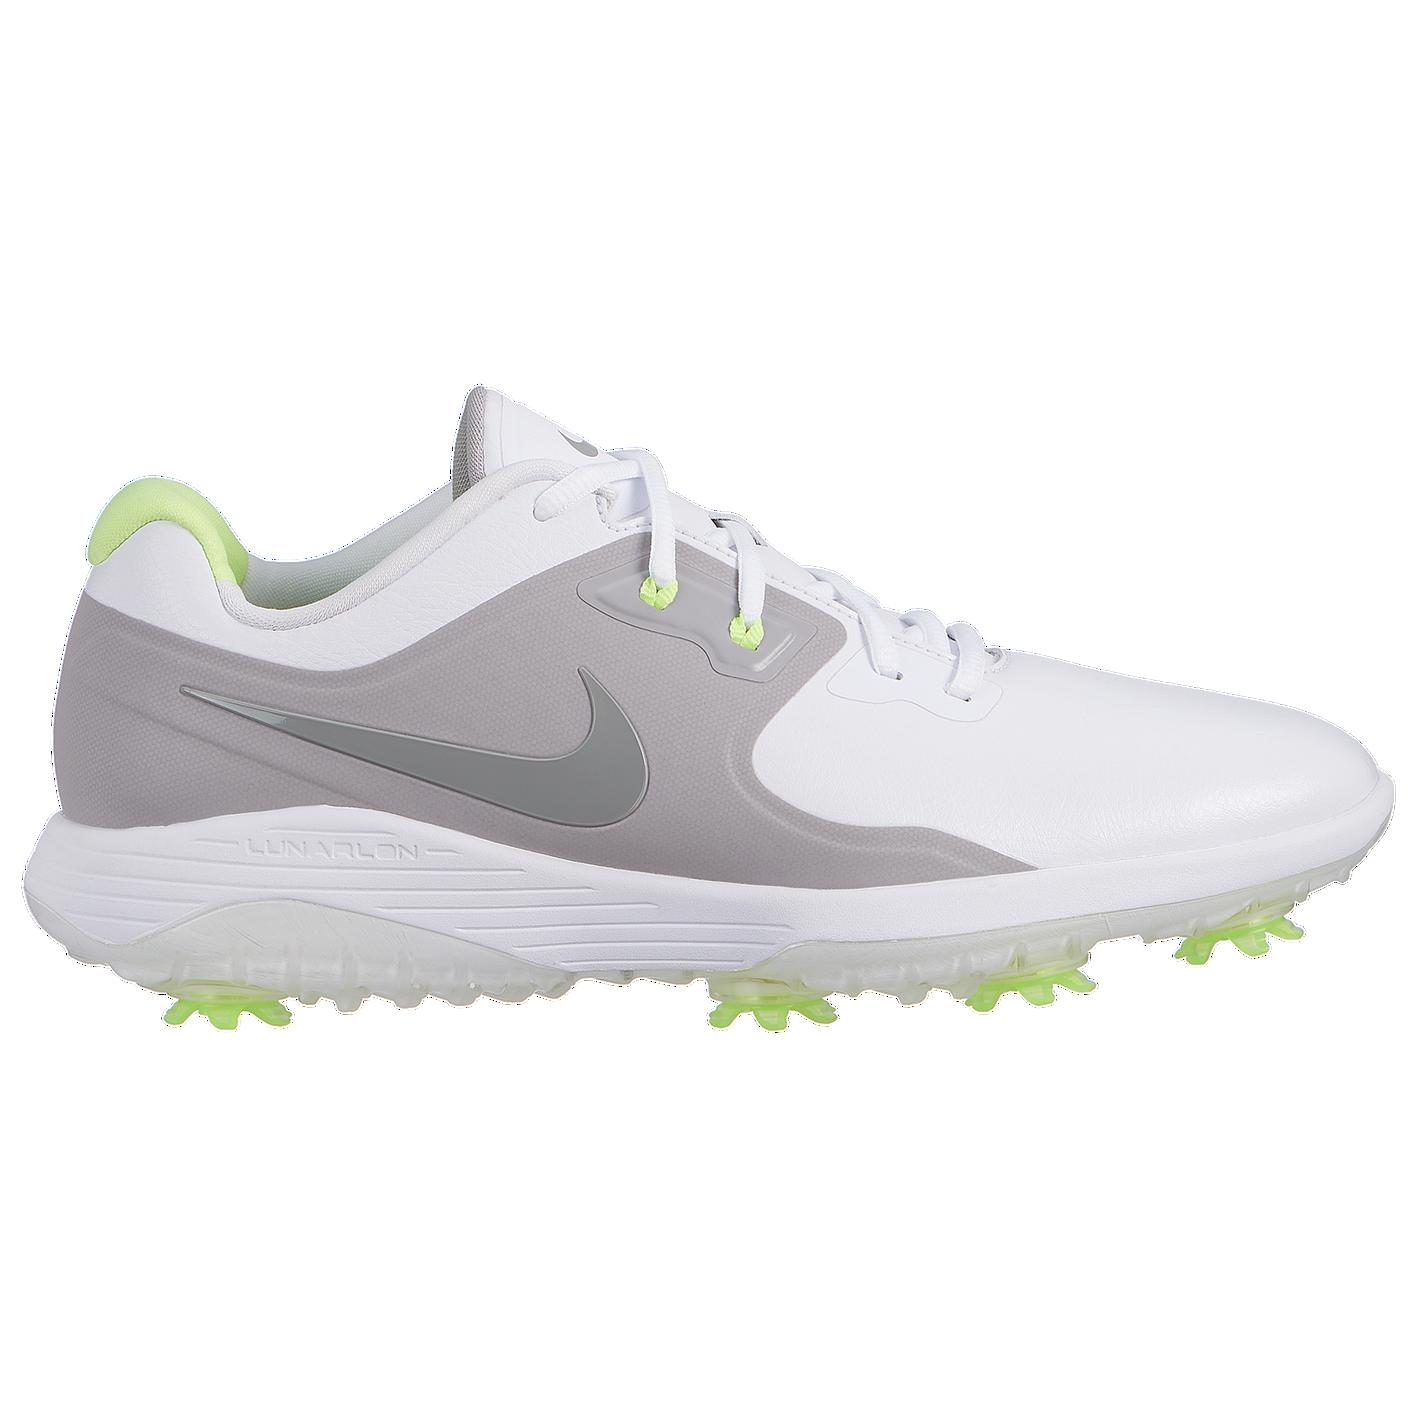 b6a39f1b9b5e1a Nike Vapor Pro Golf Shoes - Men s - Golf - Shoes - White Medium Grey ...